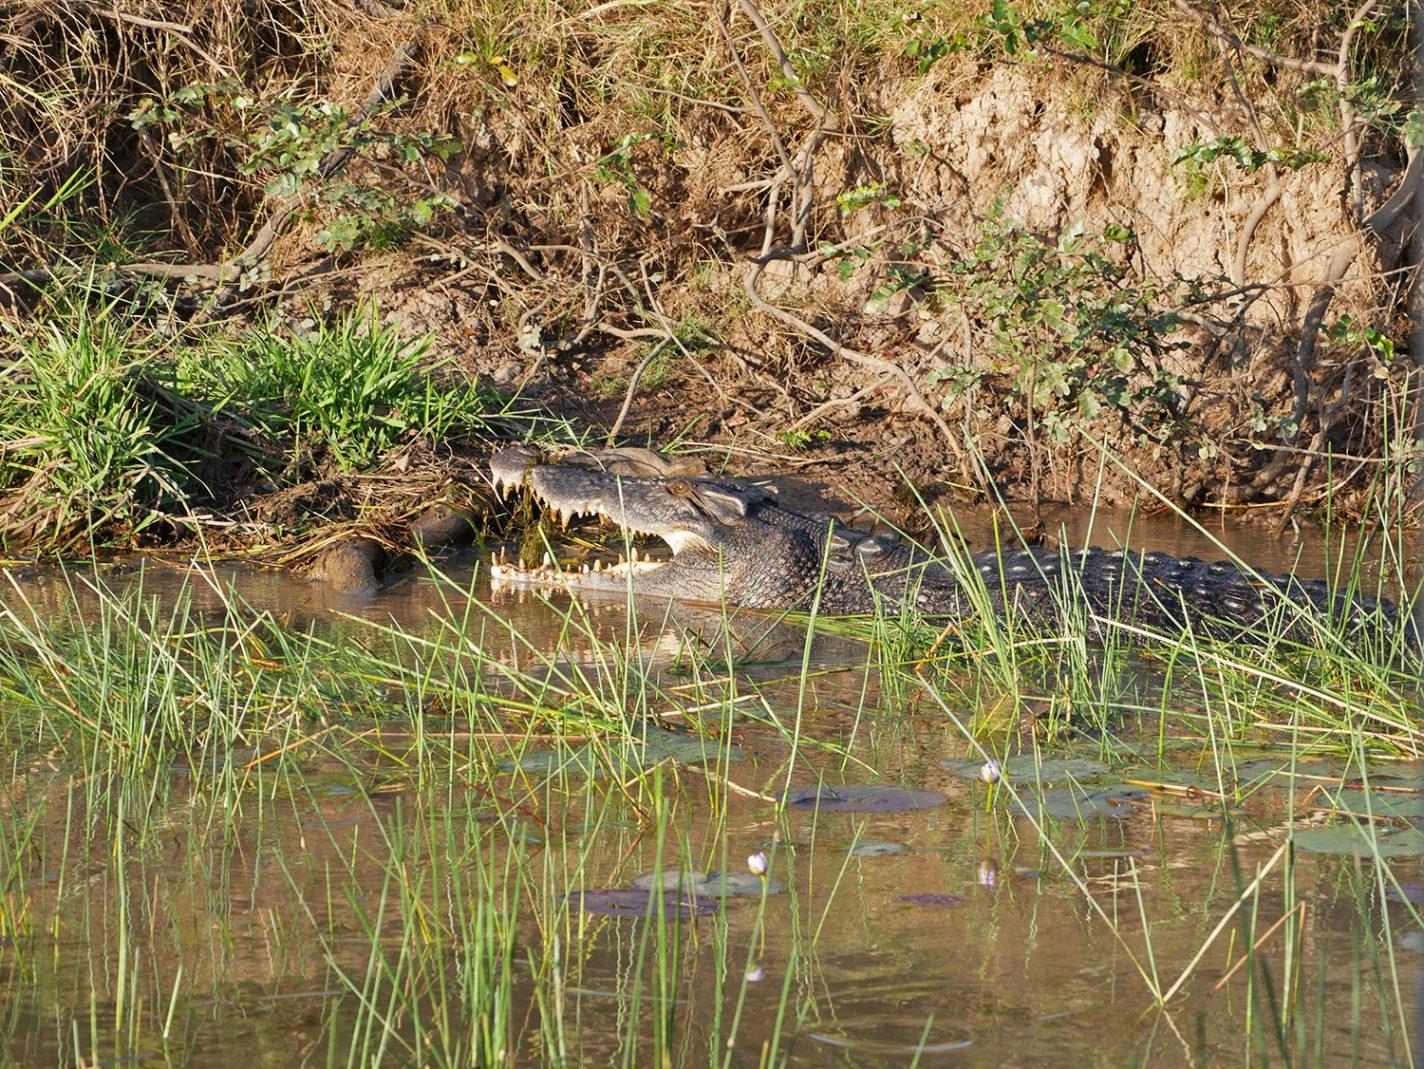 Weer een krokodil gespot - we zitten ondertussen op 4 - Corroboree Billabong Wetland Cruise